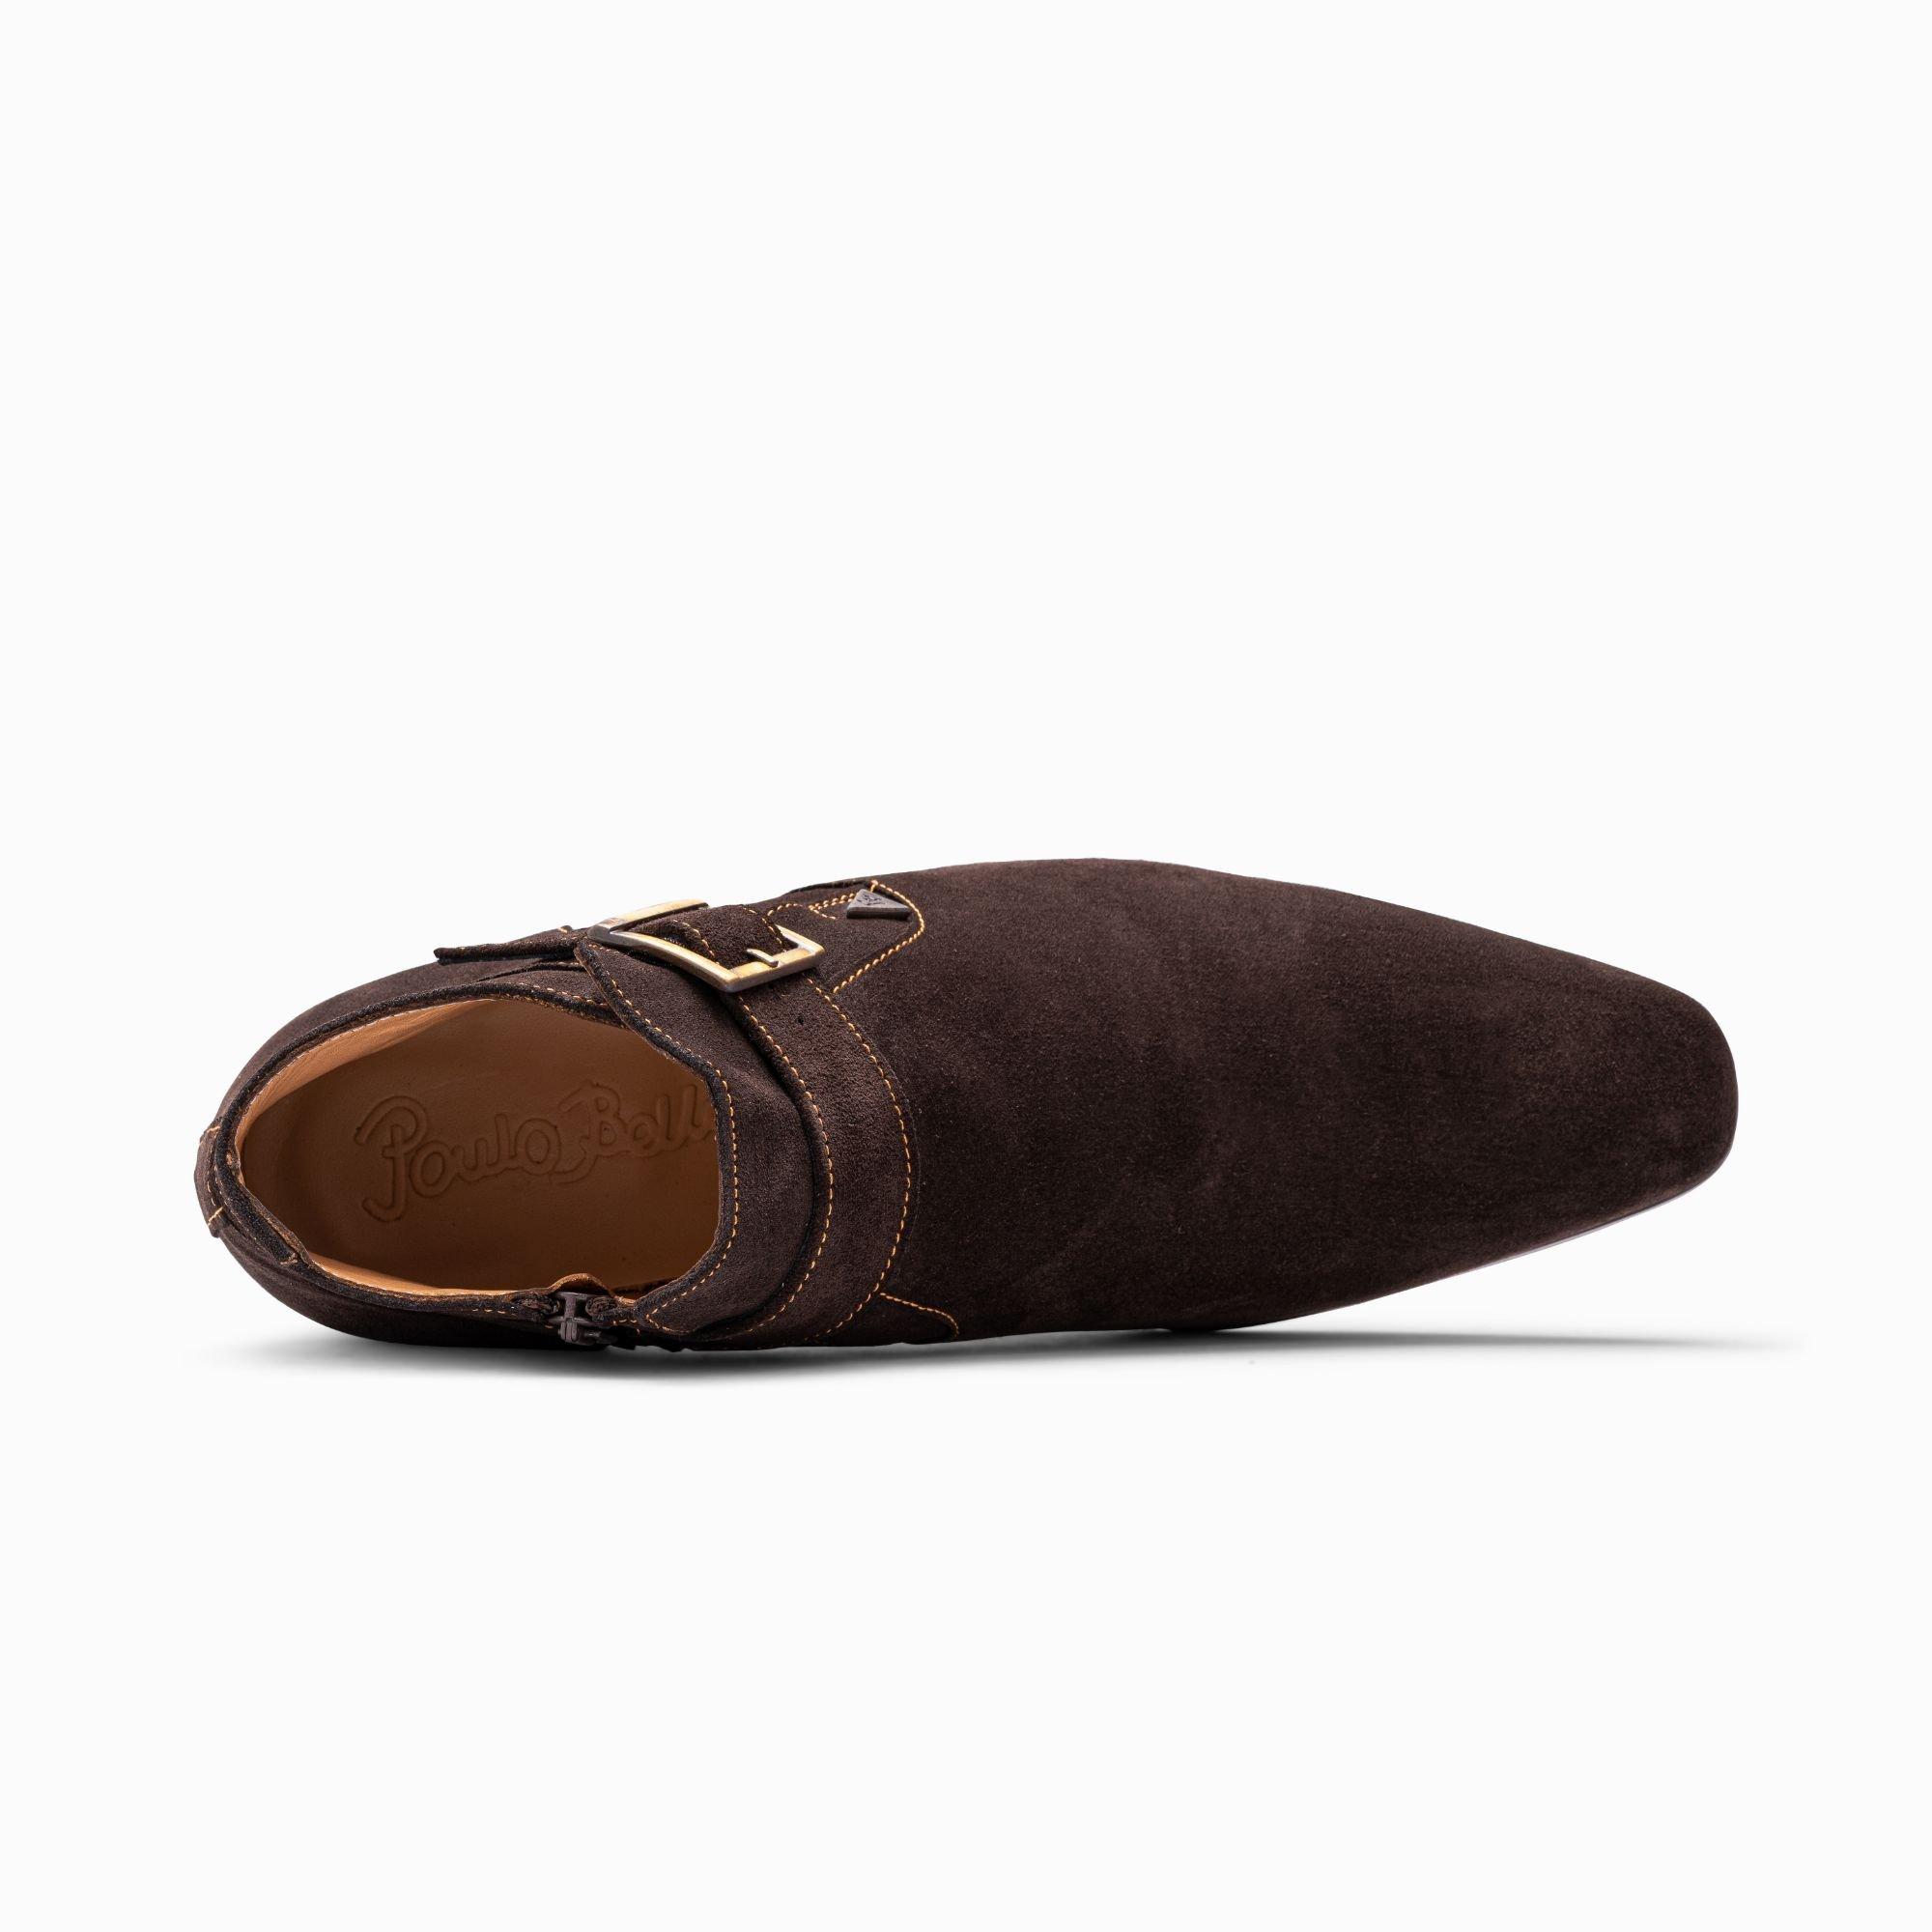 1829-brown-suede_03